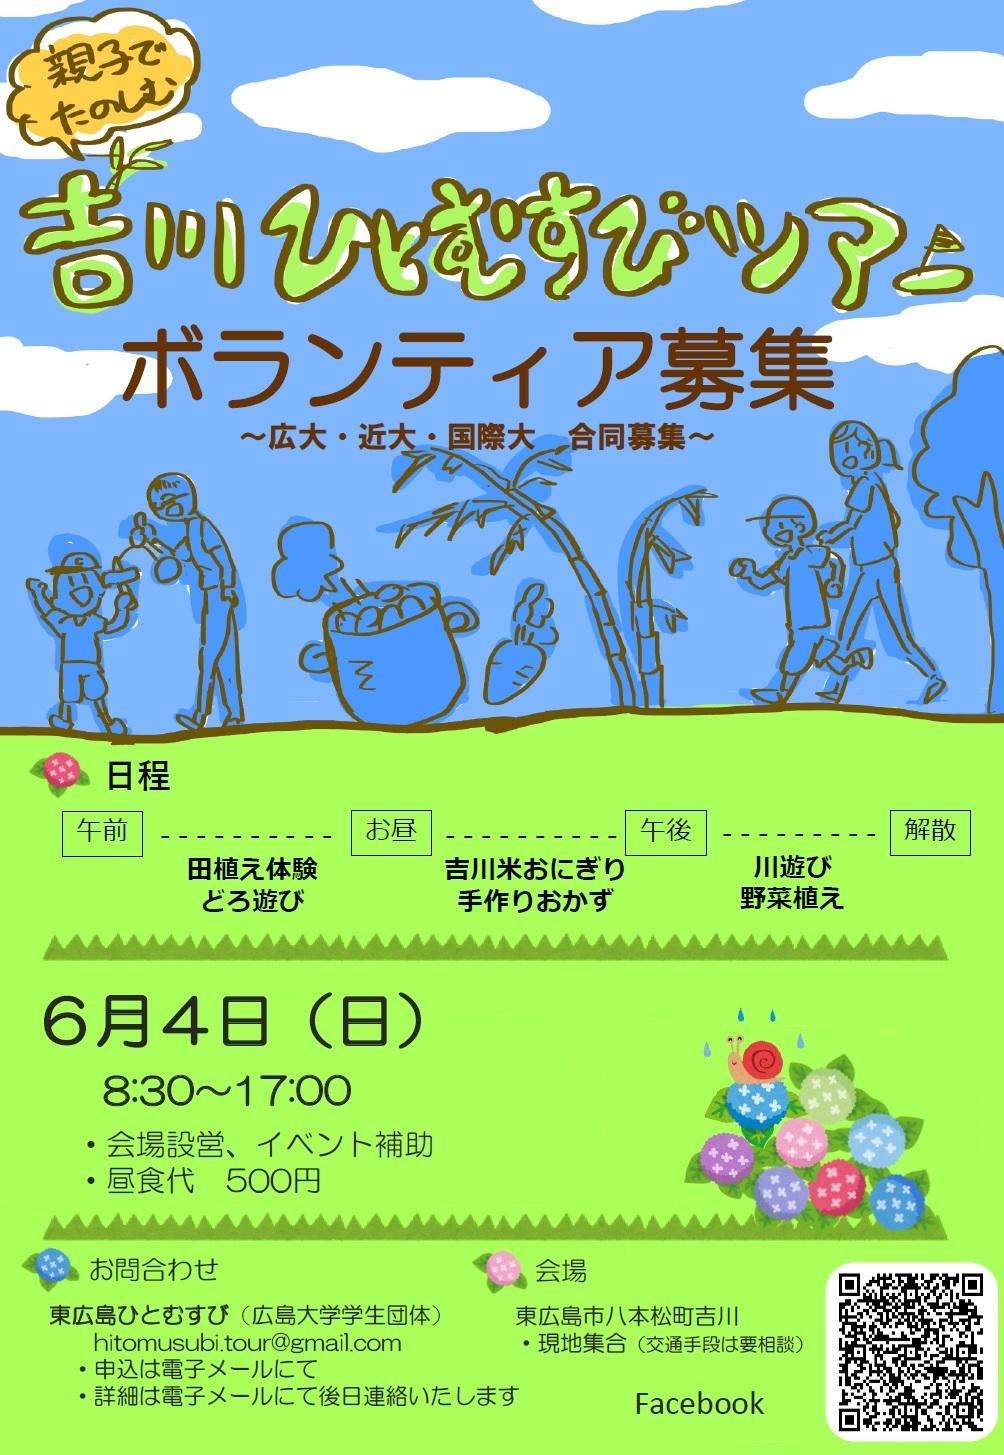 【ボランティア募集】第3回吉川ひとむすびツアー【東広島ひとむすび】